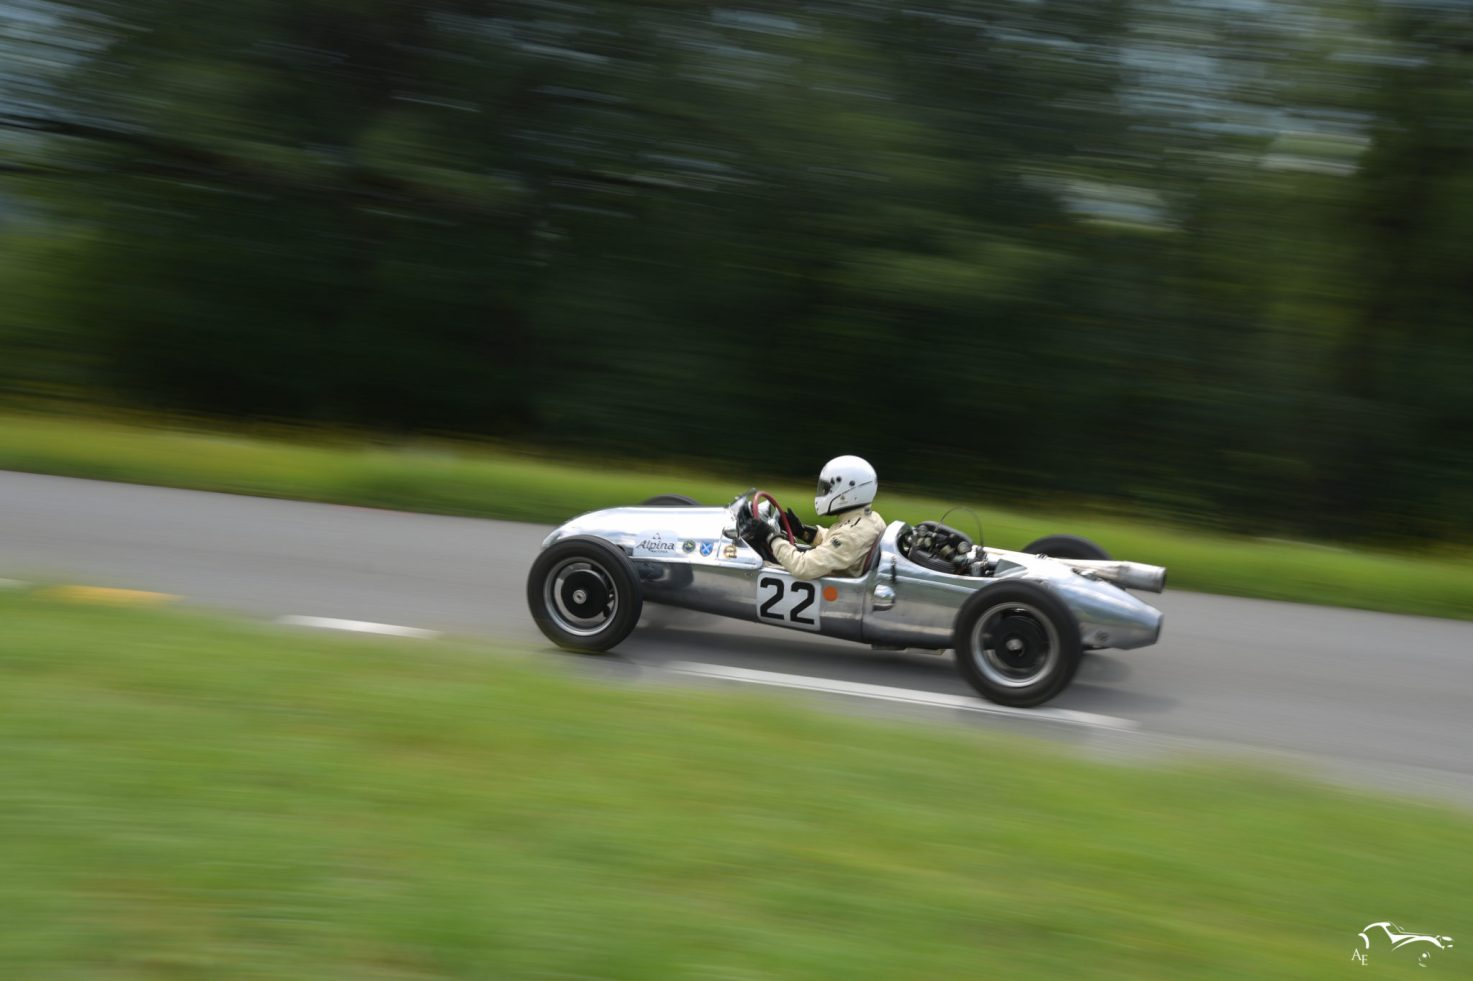 Cooper Mark 12 500 cc 1958